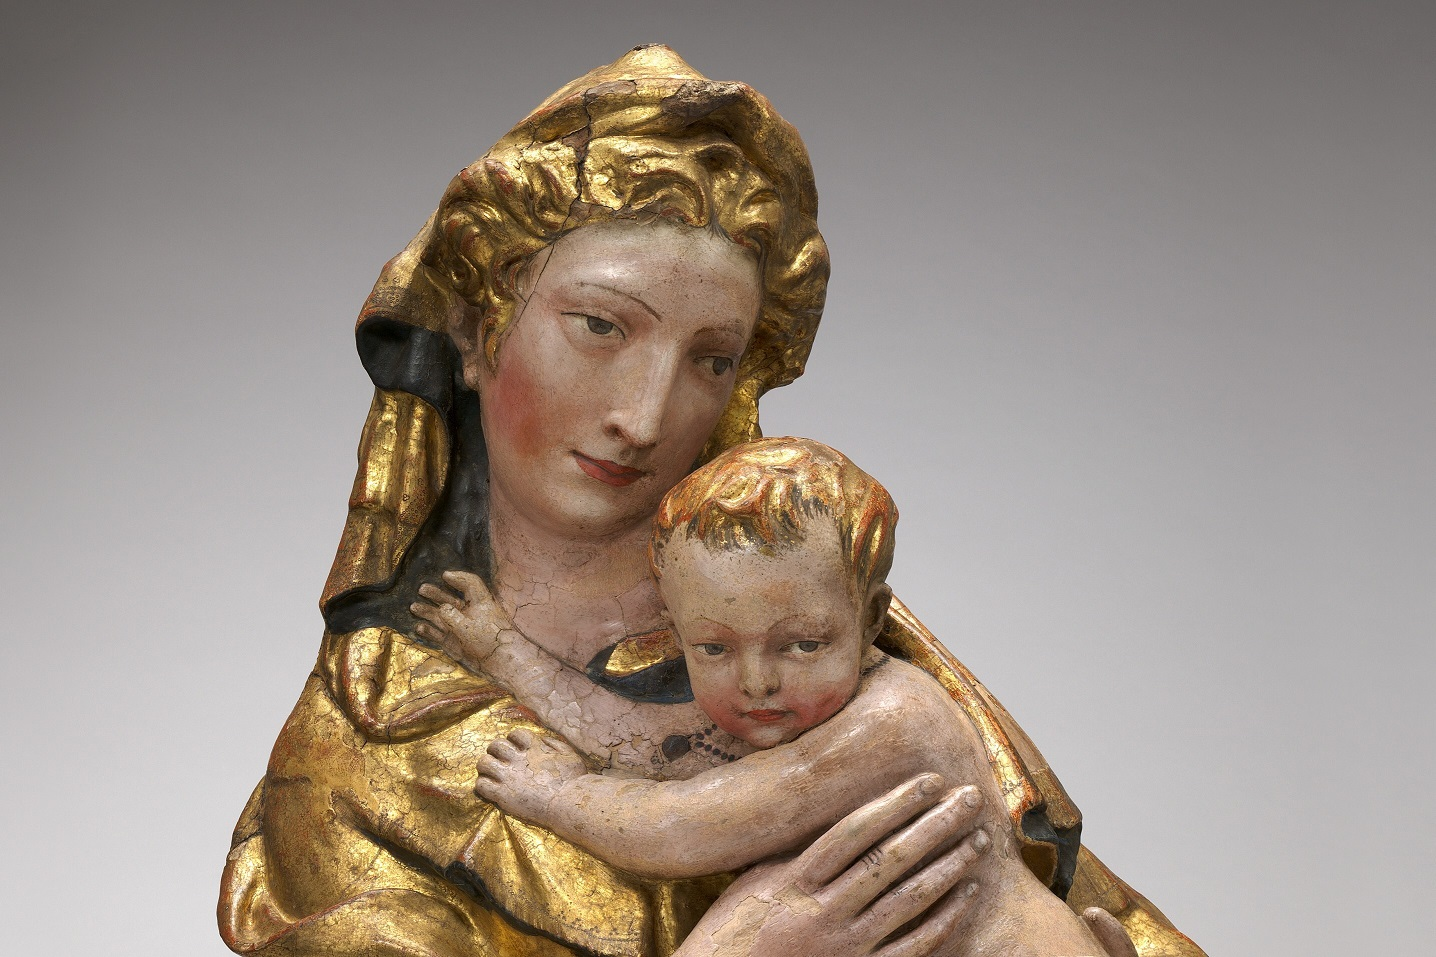 В Национальной галерее искусств в Вашингтоне отреставрировали флорентийскую терракотовую Мадонну XV века